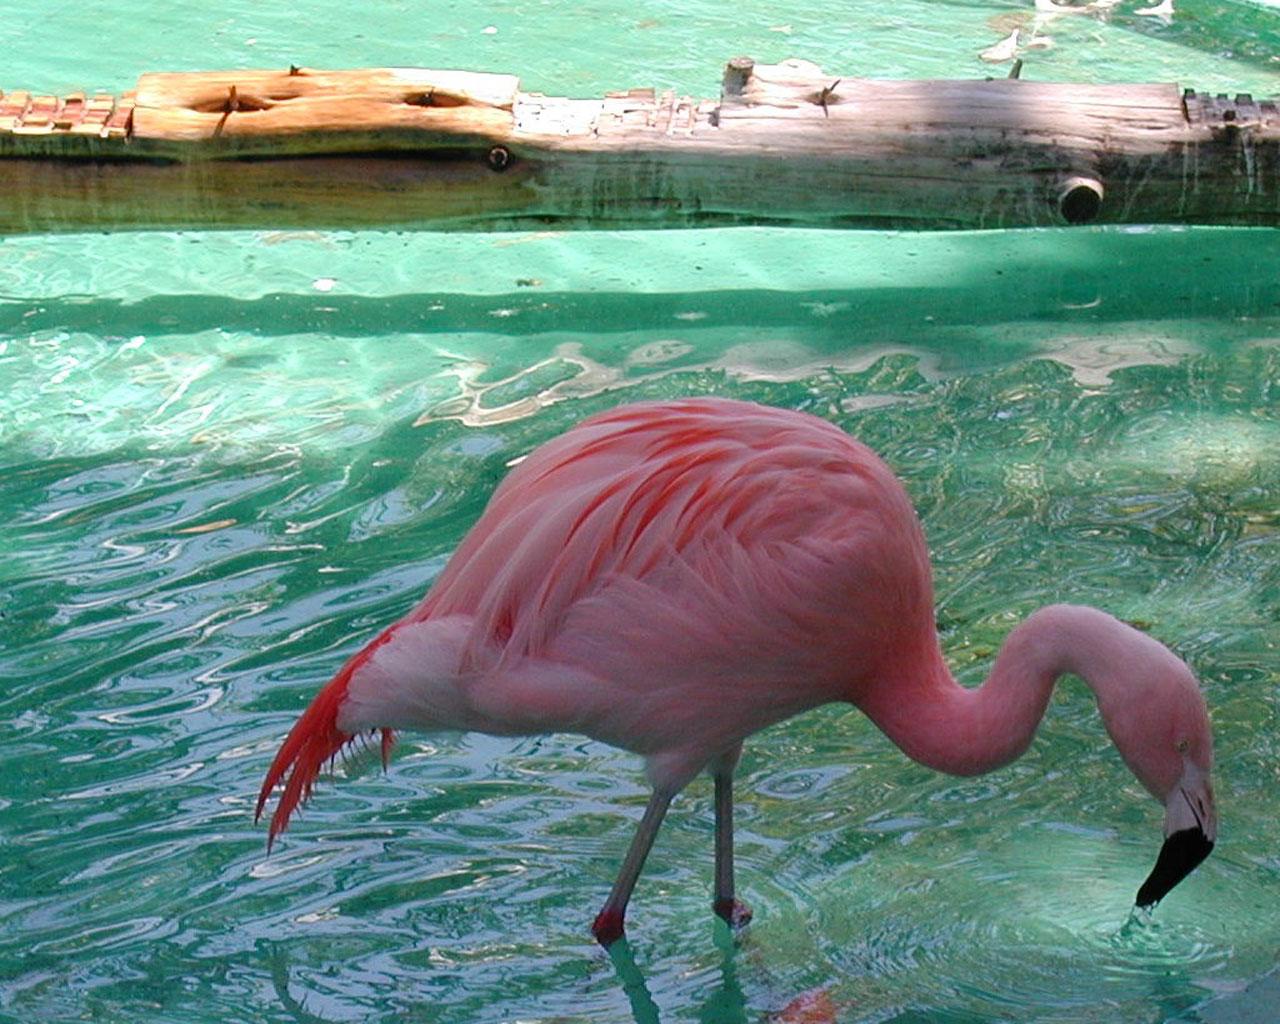 http://4.bp.blogspot.com/-0ePsNOPkUk4/UAB0Z-Os-VI/AAAAAAAABHY/PQE4Buq8aoc/s1600/10350-4-flamingos_-_5.jpg